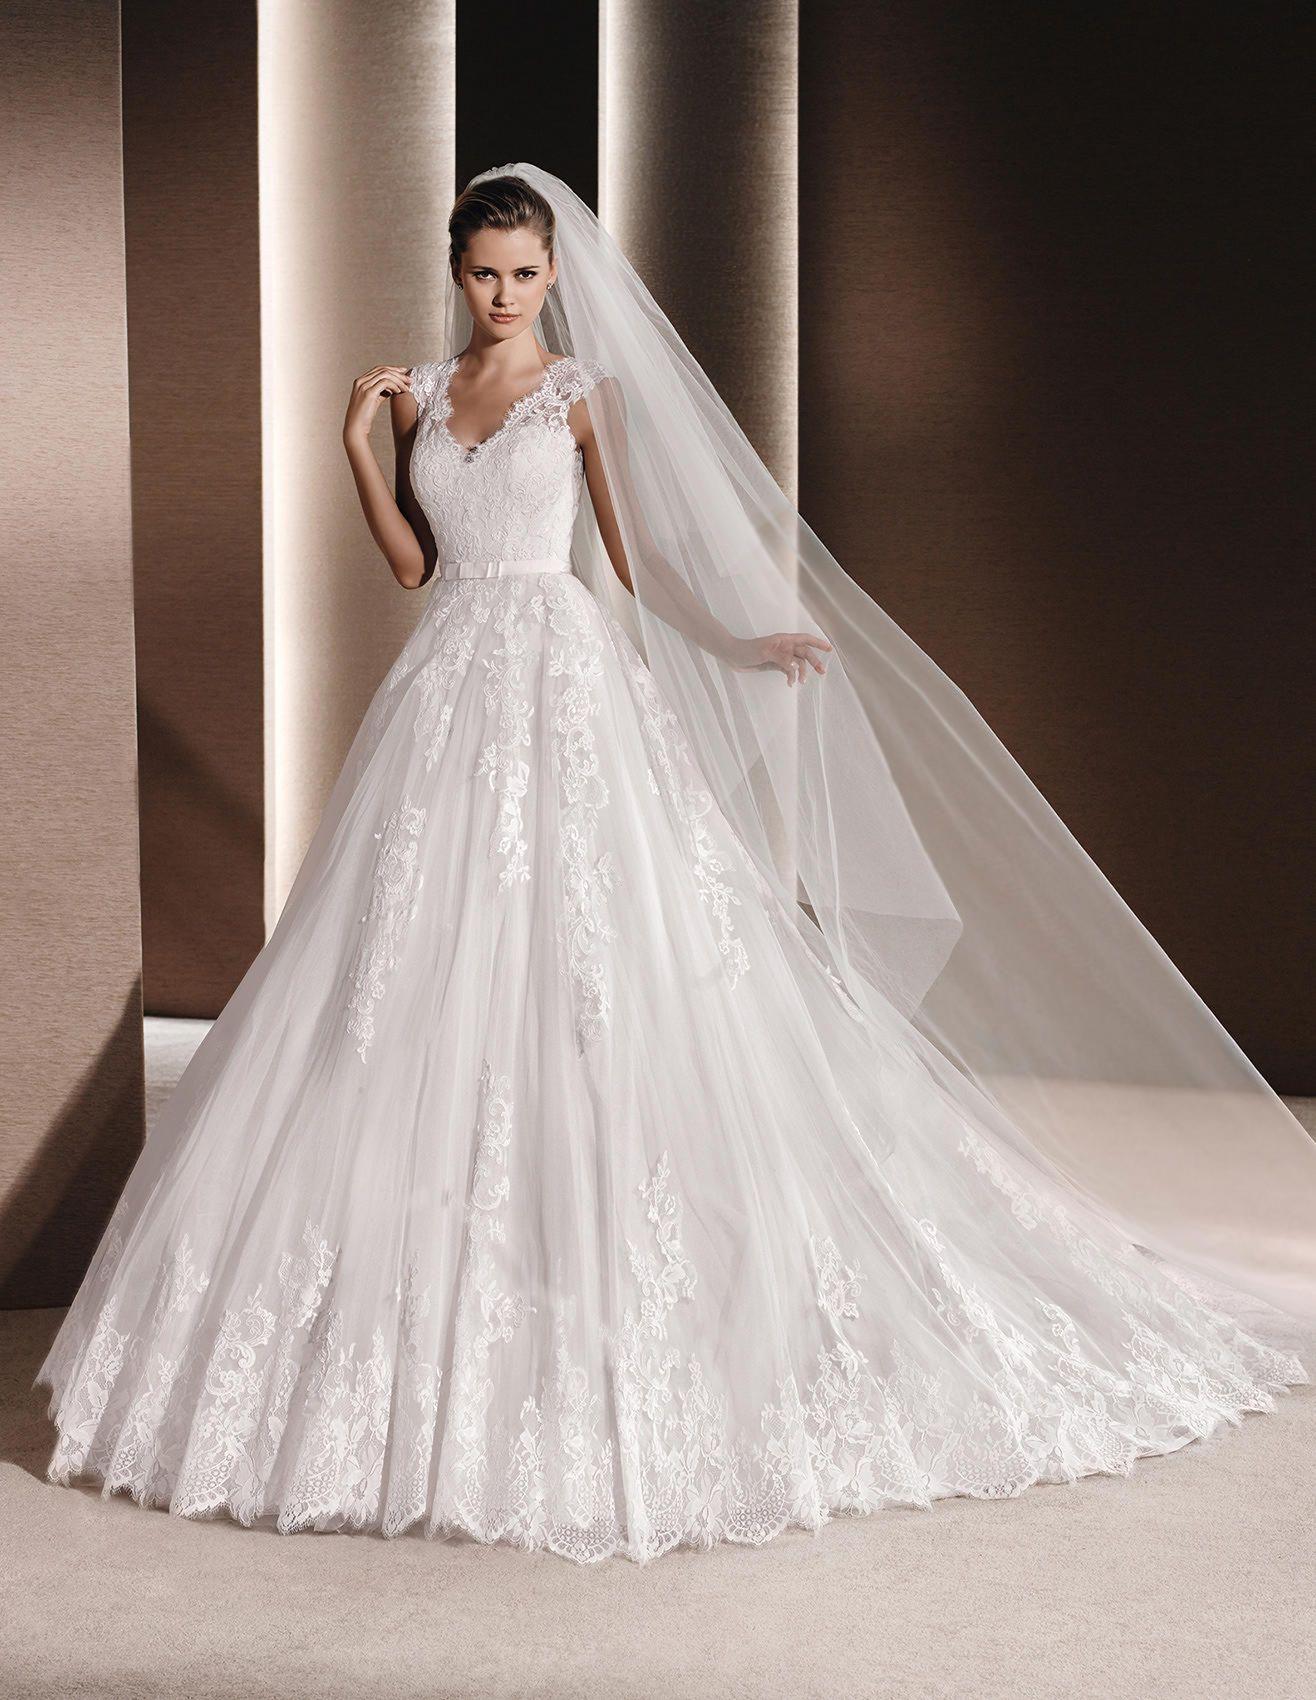 RAVEN Princess wedding dress in lace La Sposa